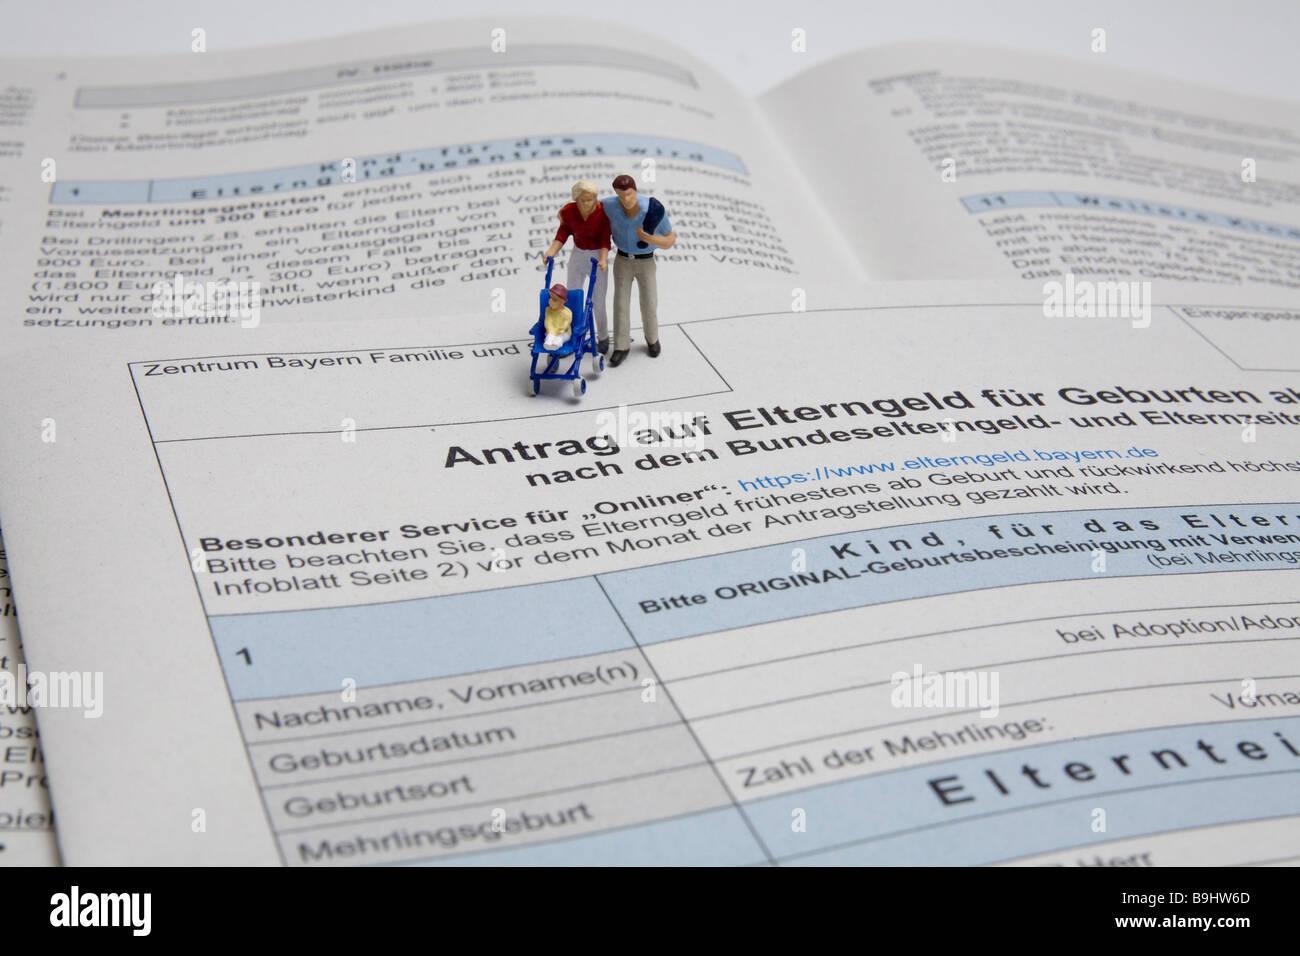 Formular Angebot Eltern Geld Spielfiguren Familie Detail Dokument